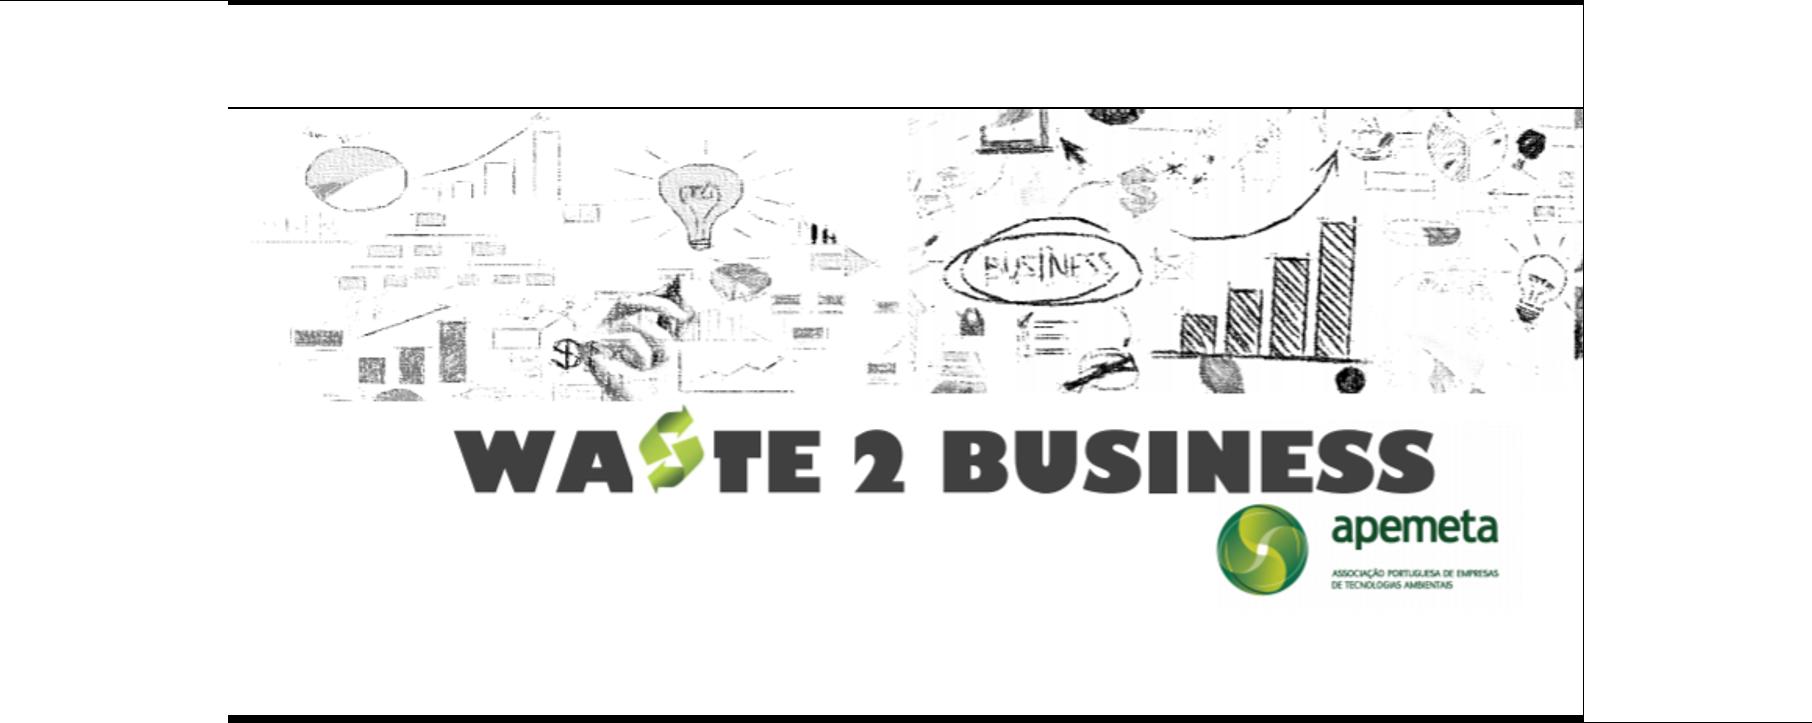 Electrão Participa Em Seminário Waste 2 Business